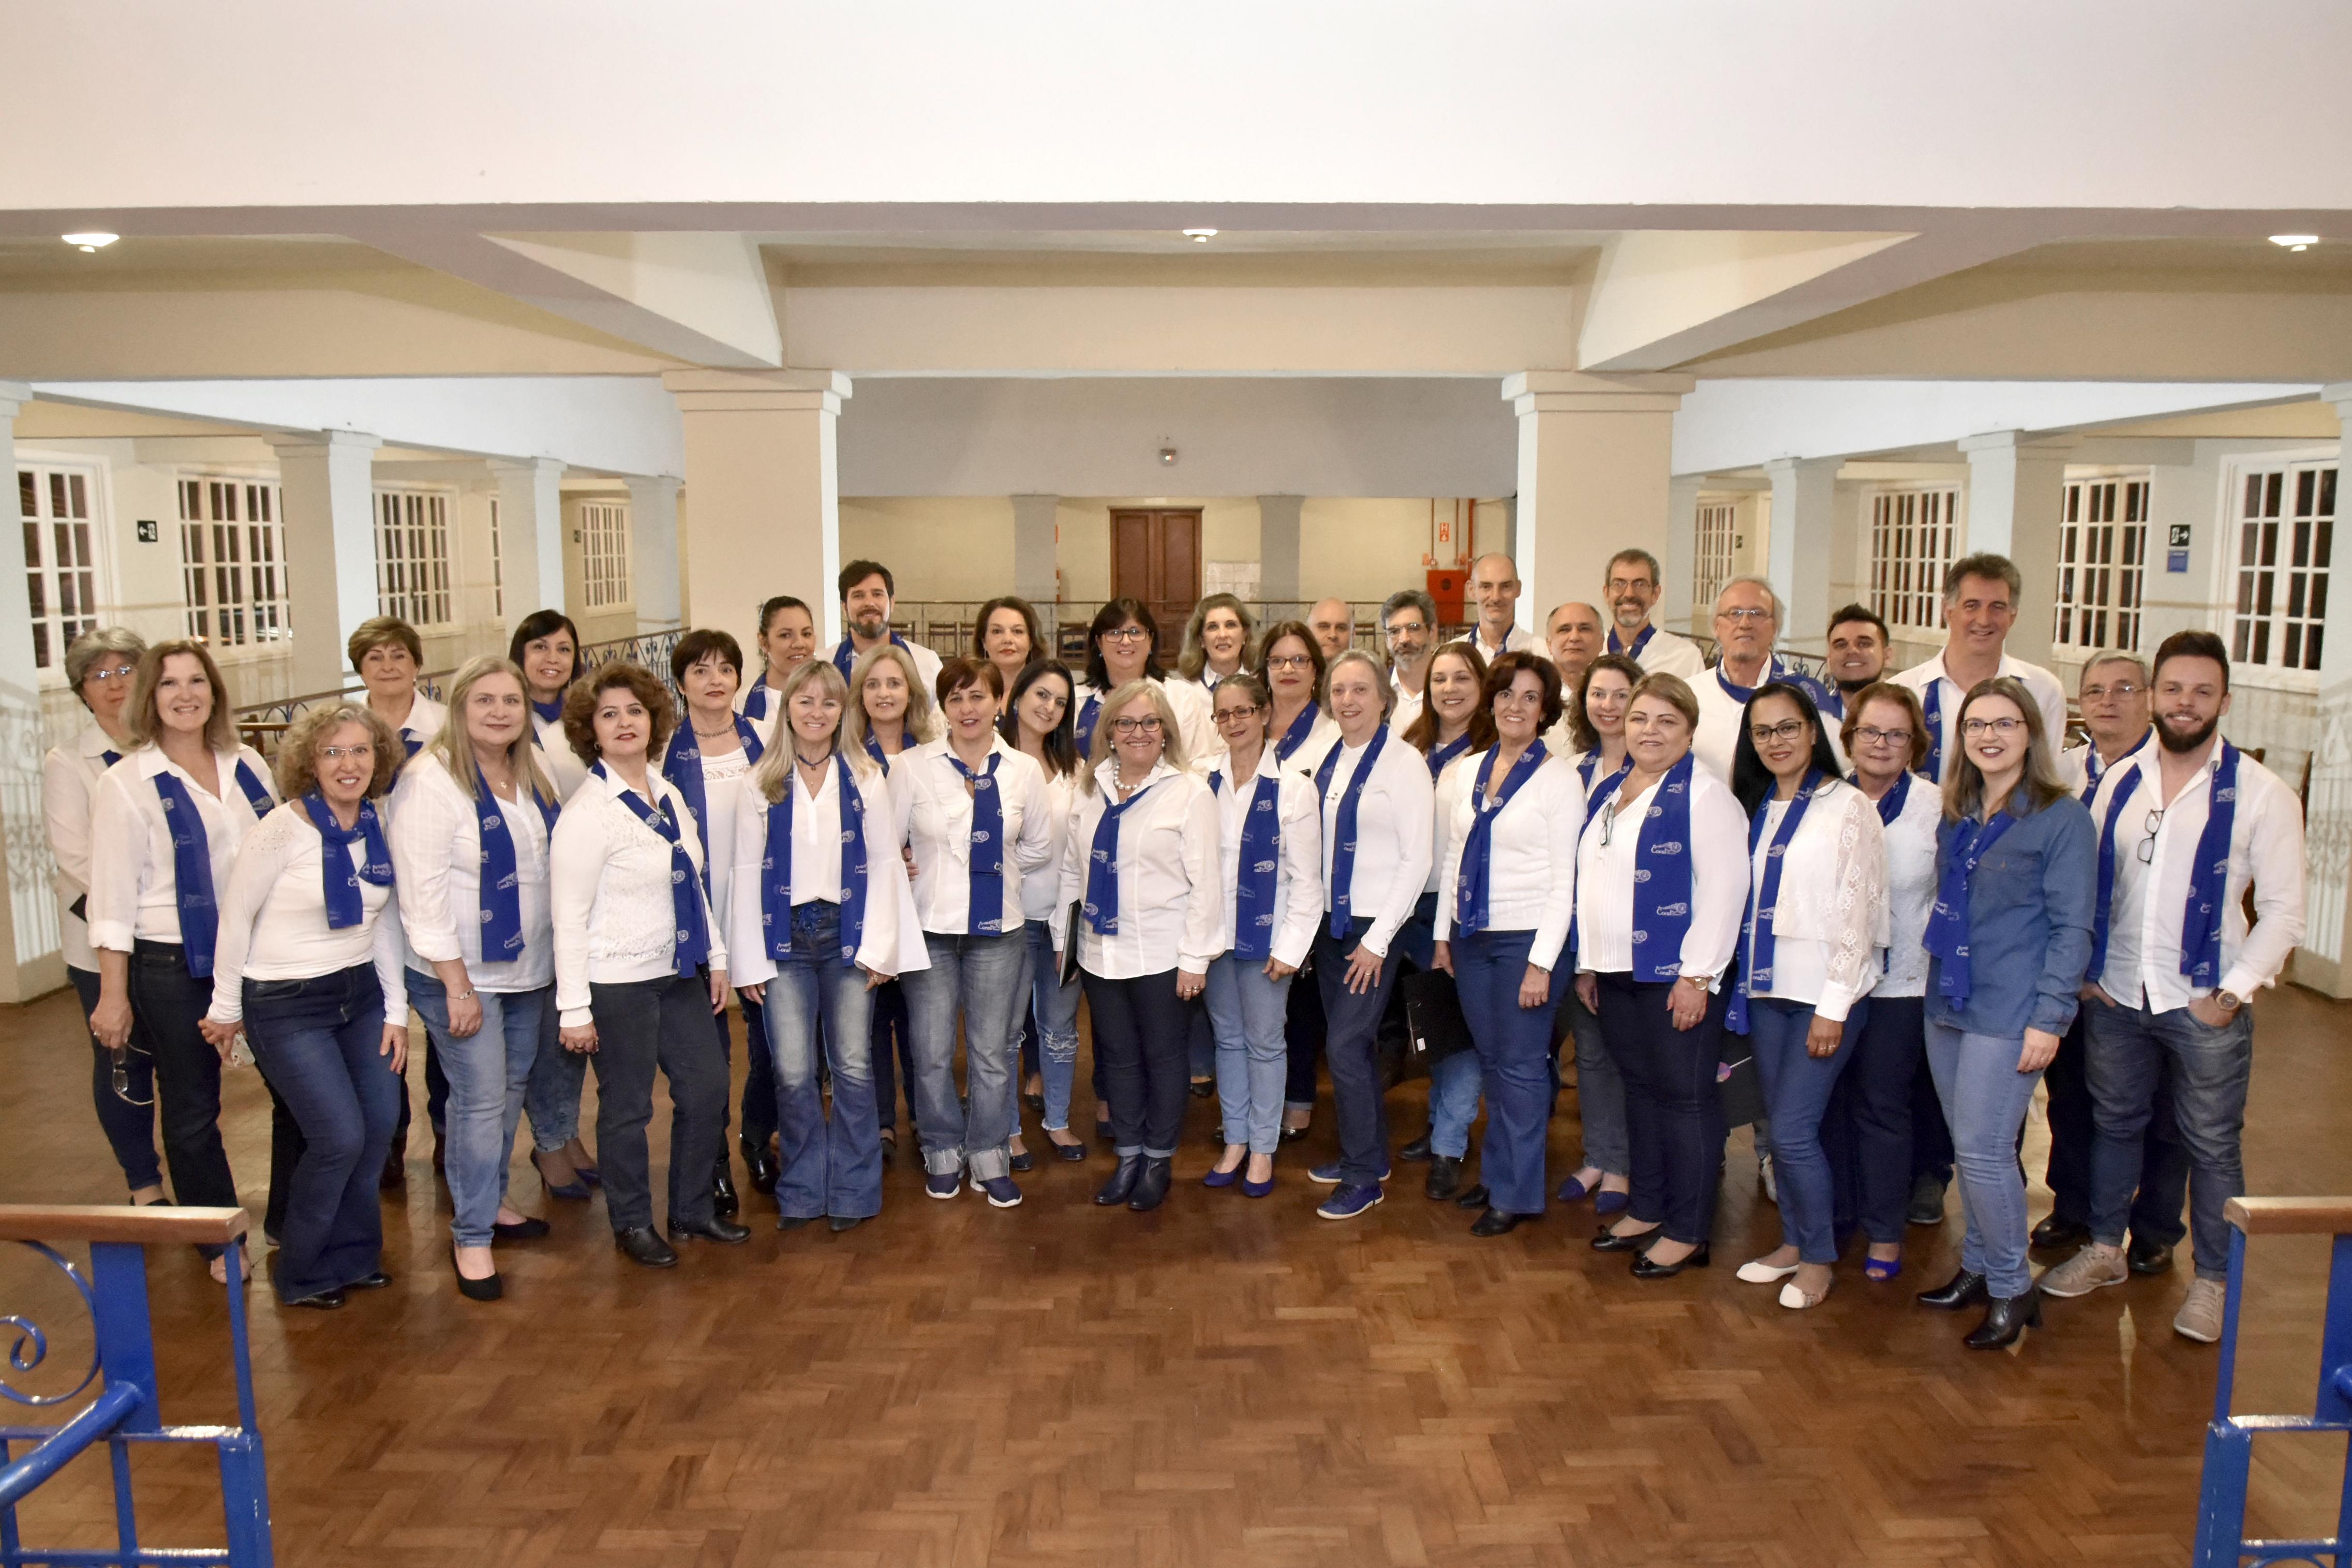 Concerto de Outono - Sede Central (27/05/2018)